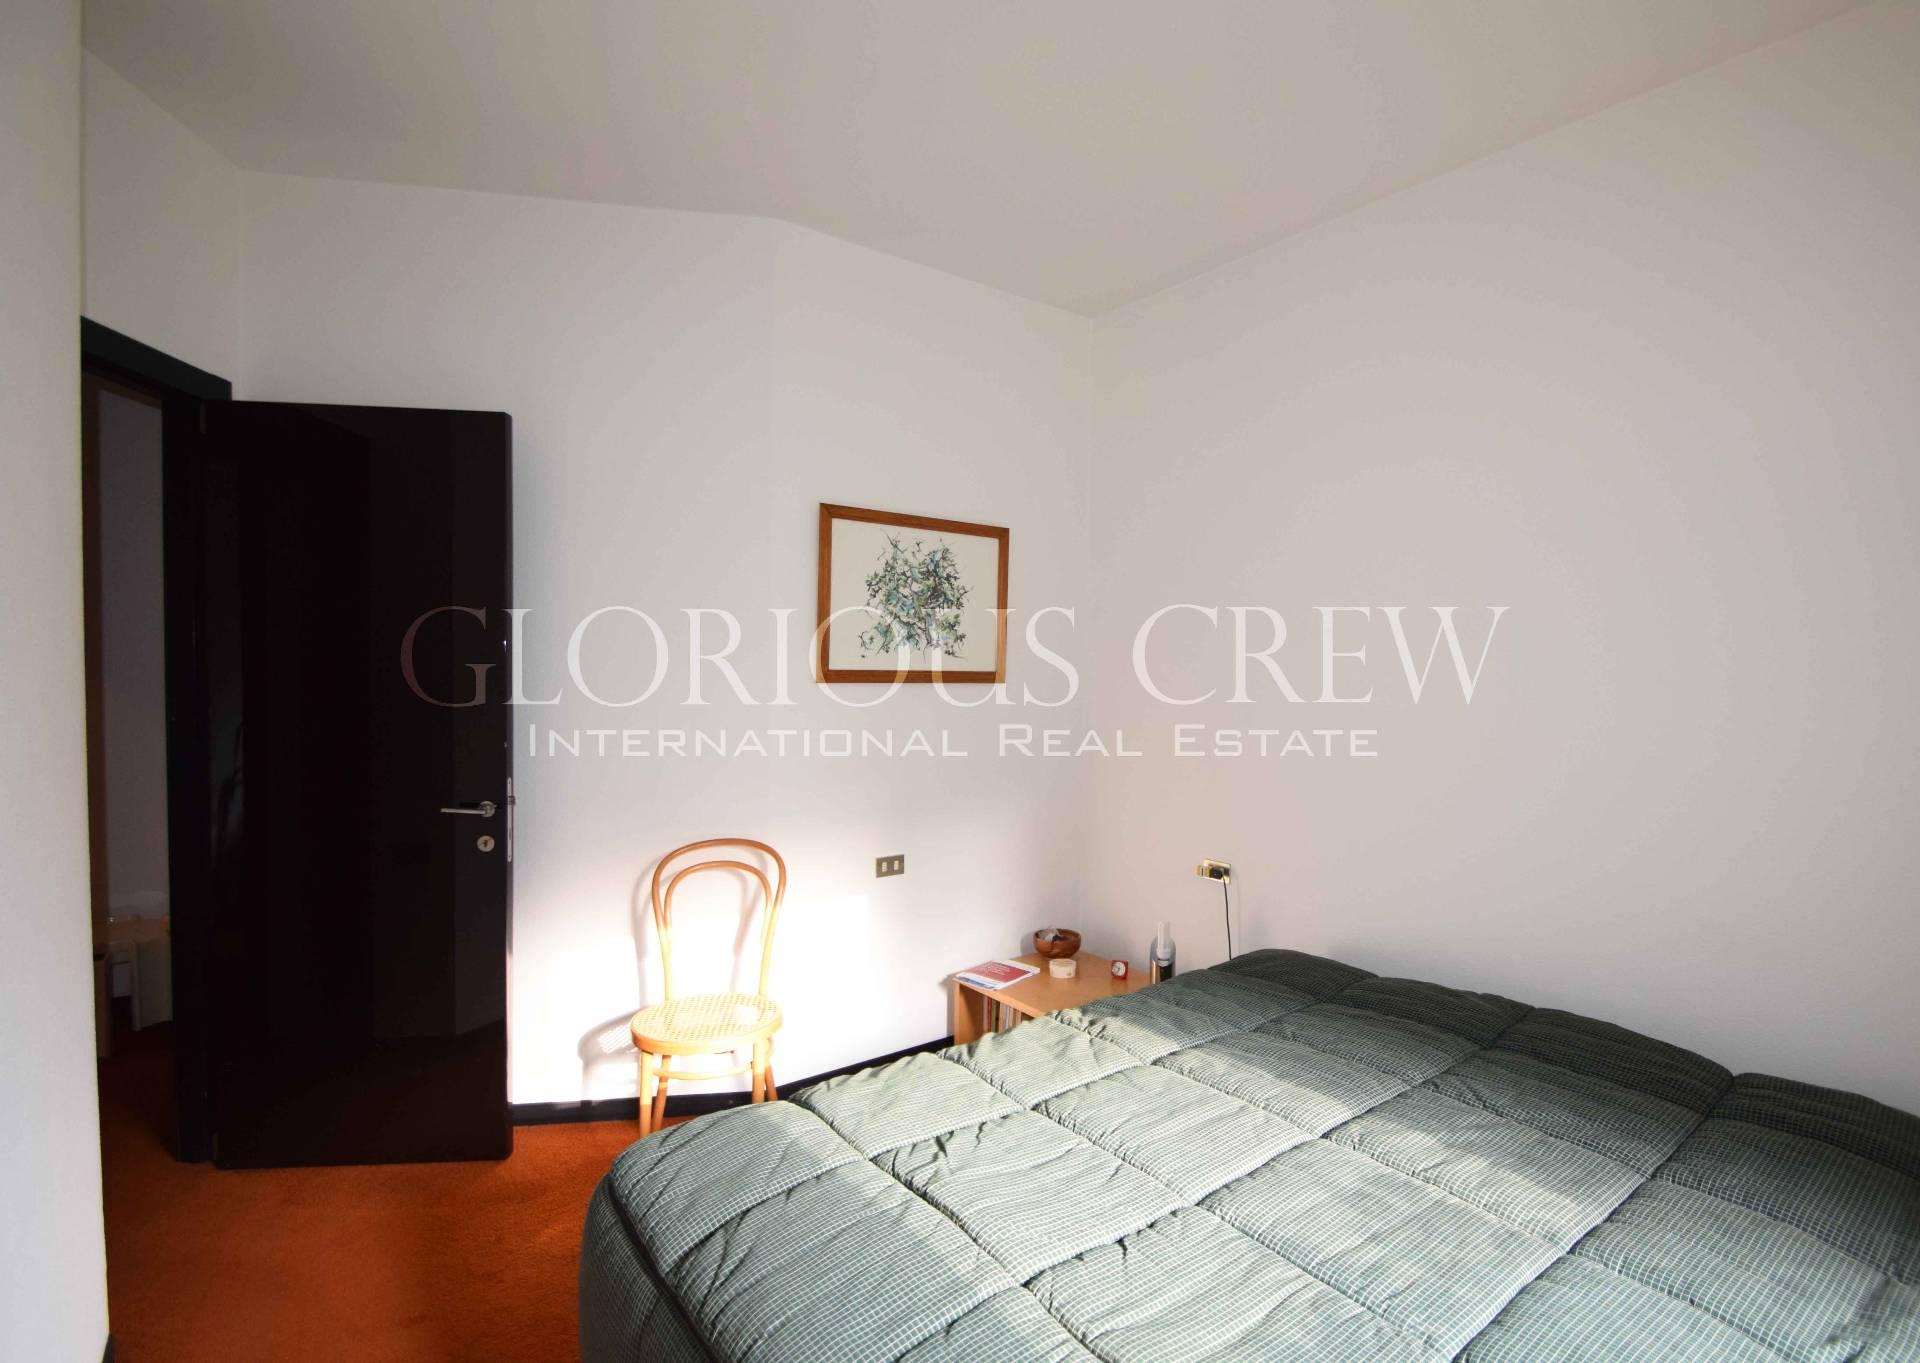 Appartamento in Vendita a Cassina Rizzardi: 4 locali, 130 mq - Foto 5